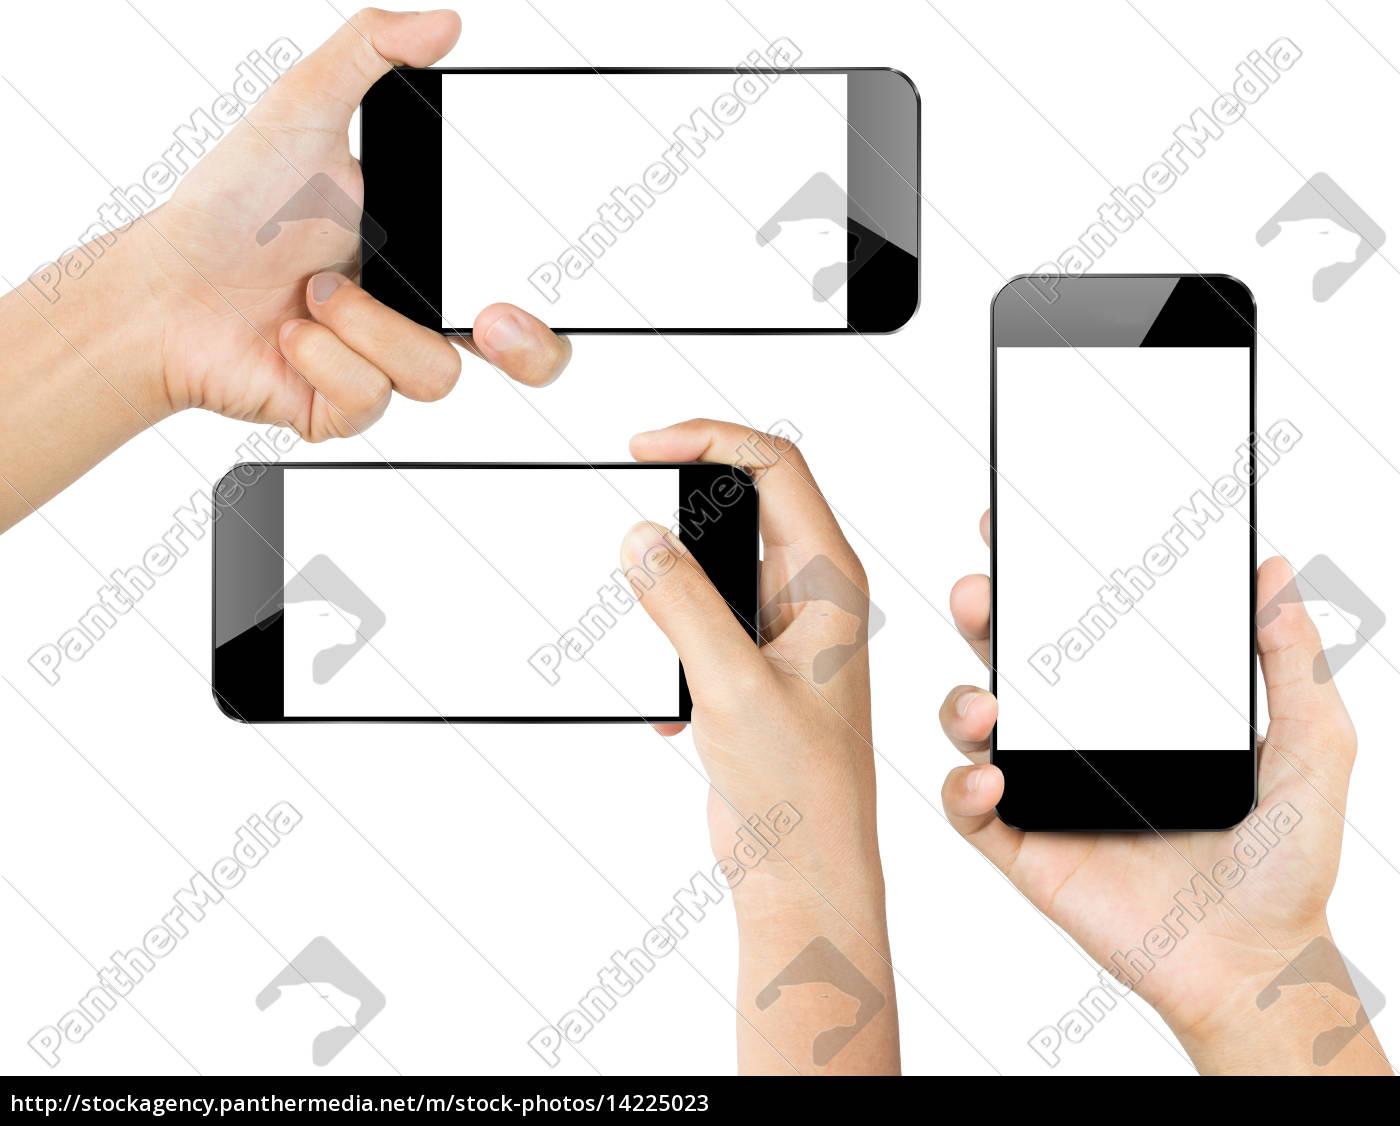 closeup, hånd, hold, smartphone, hvid, isoleret - 14225023